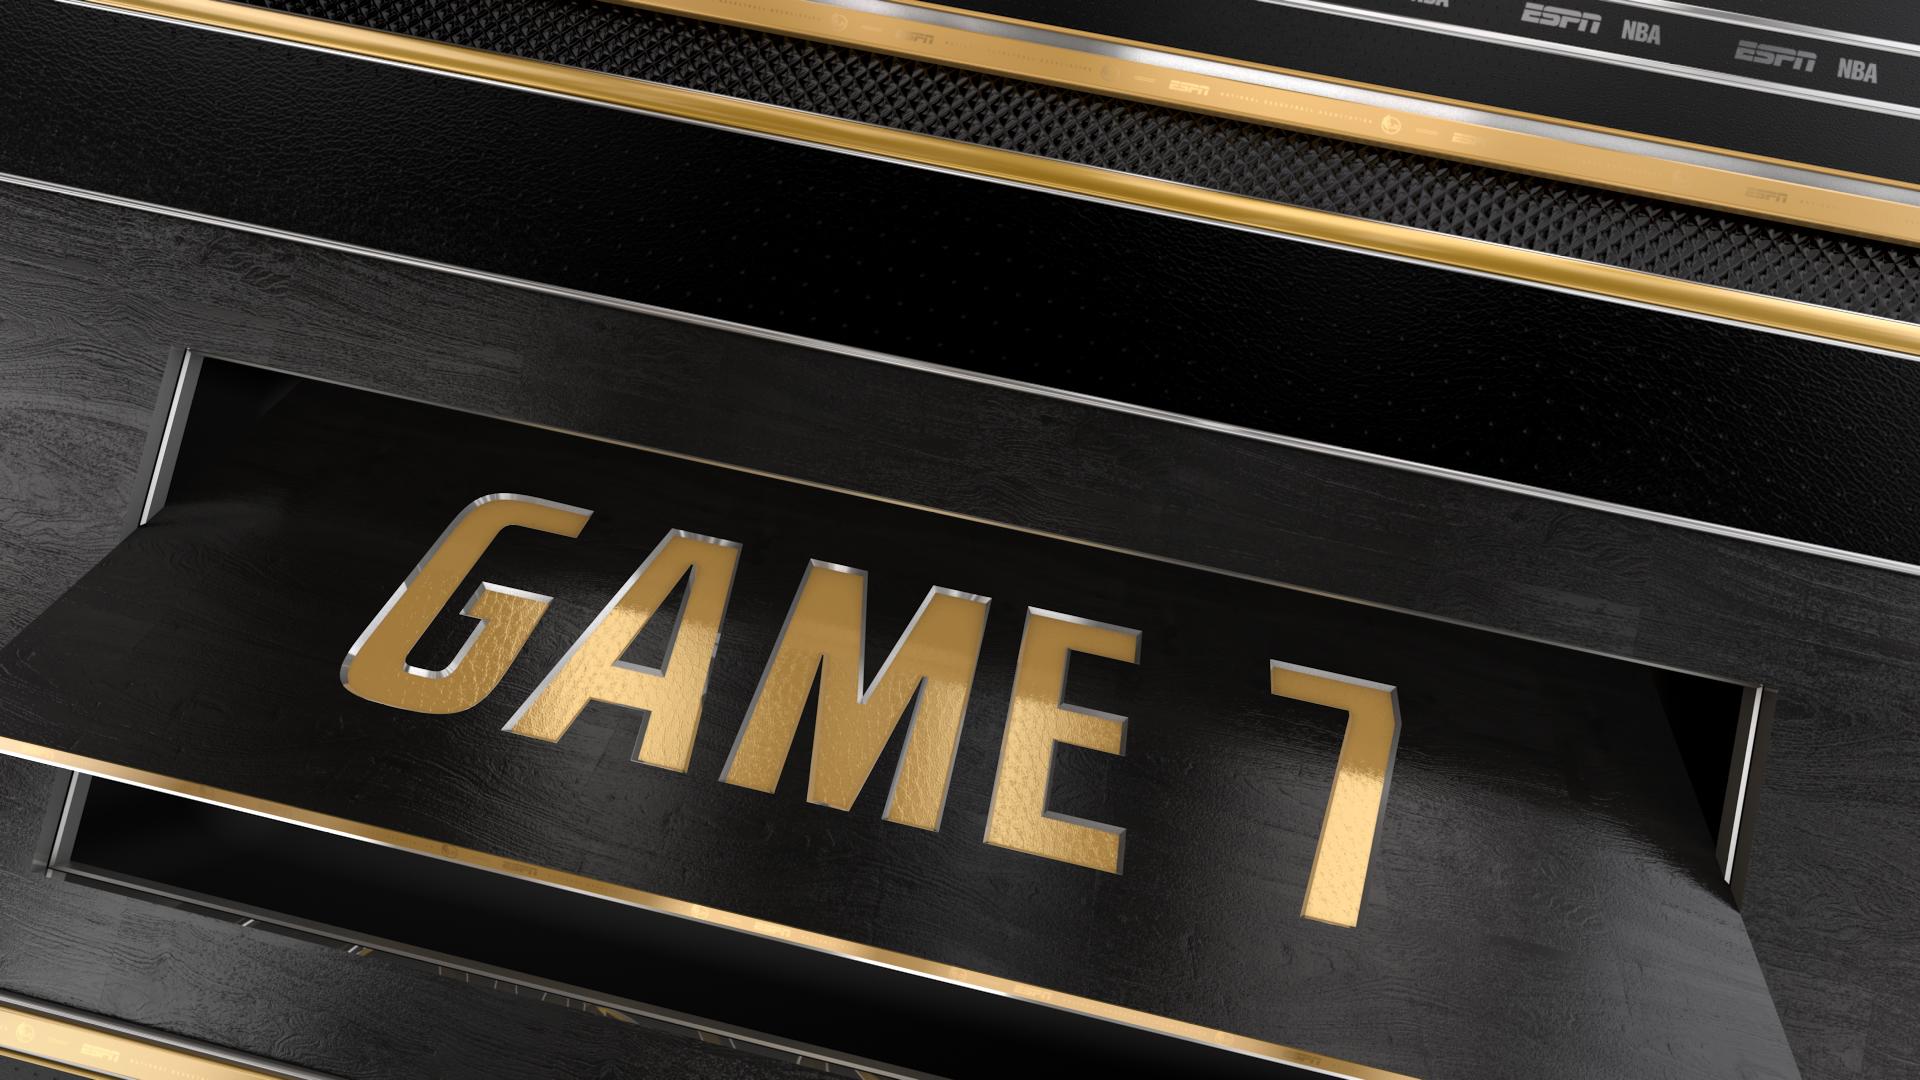 170427_Fin_Matchup_Endstamp02c_V001_5.jpg